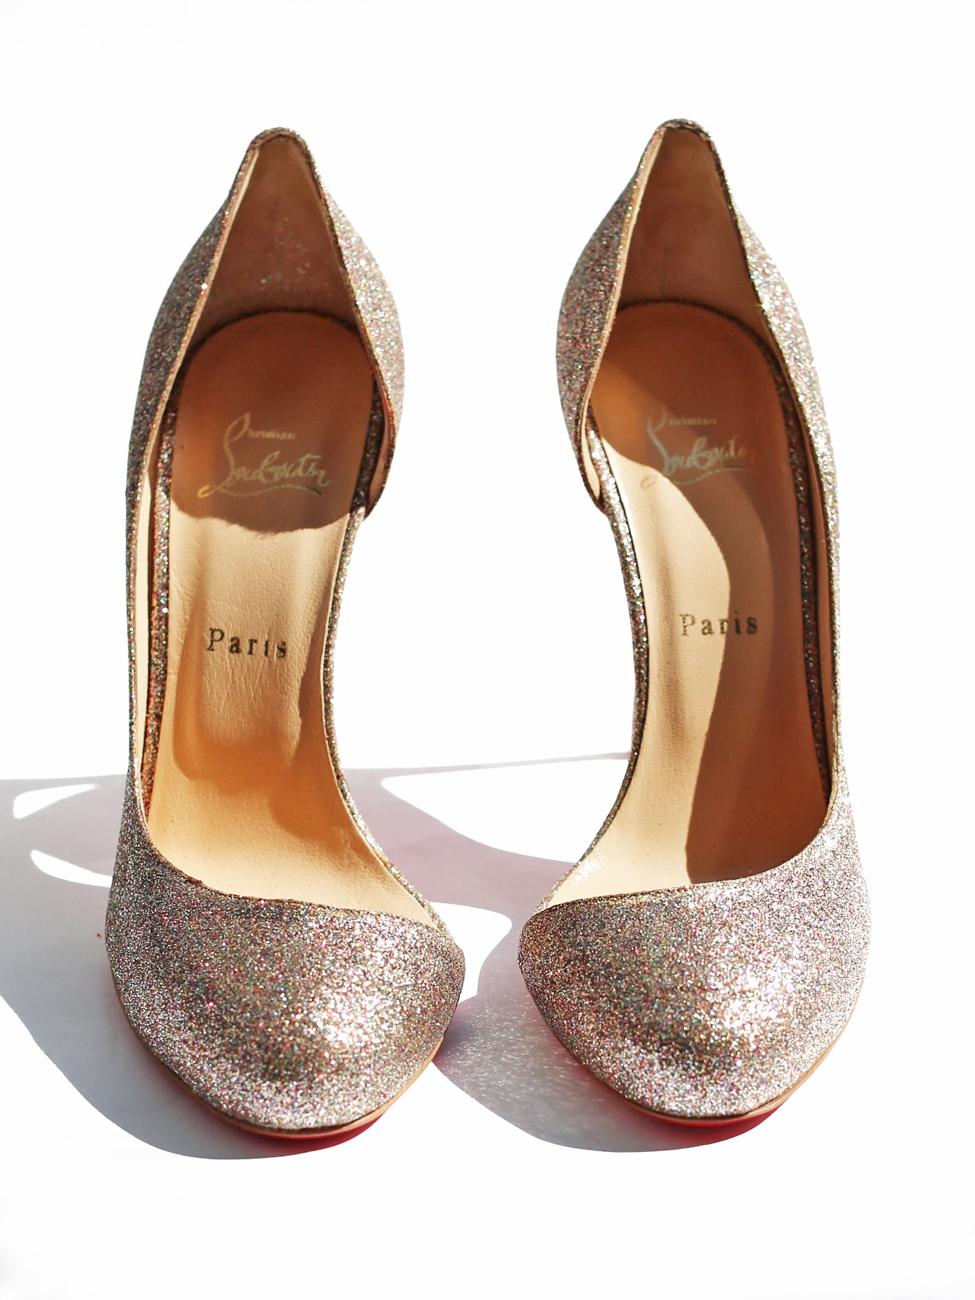 https://i0.wp.com/louiseparis.fr/9286/christian-louboutin-escarpins-stiletto-glitter-helmour-a-paillettes-multicouleur-px-boutique-450-taille-41.jpg